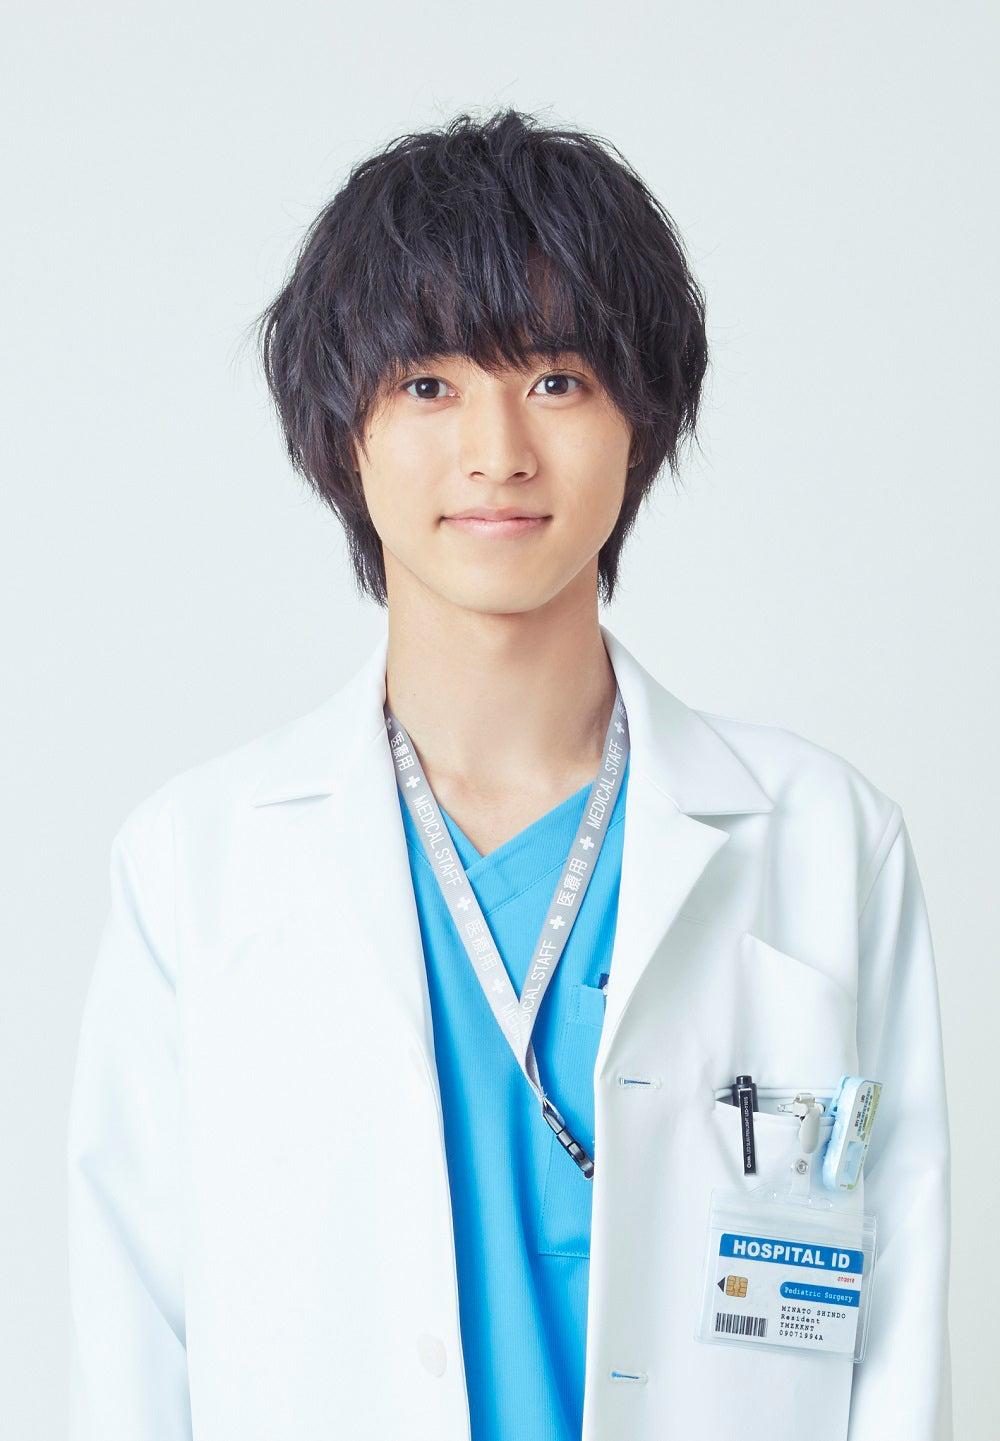 フジテレビ系新木曜劇場『グッド・ドクター』で主演を務める山崎